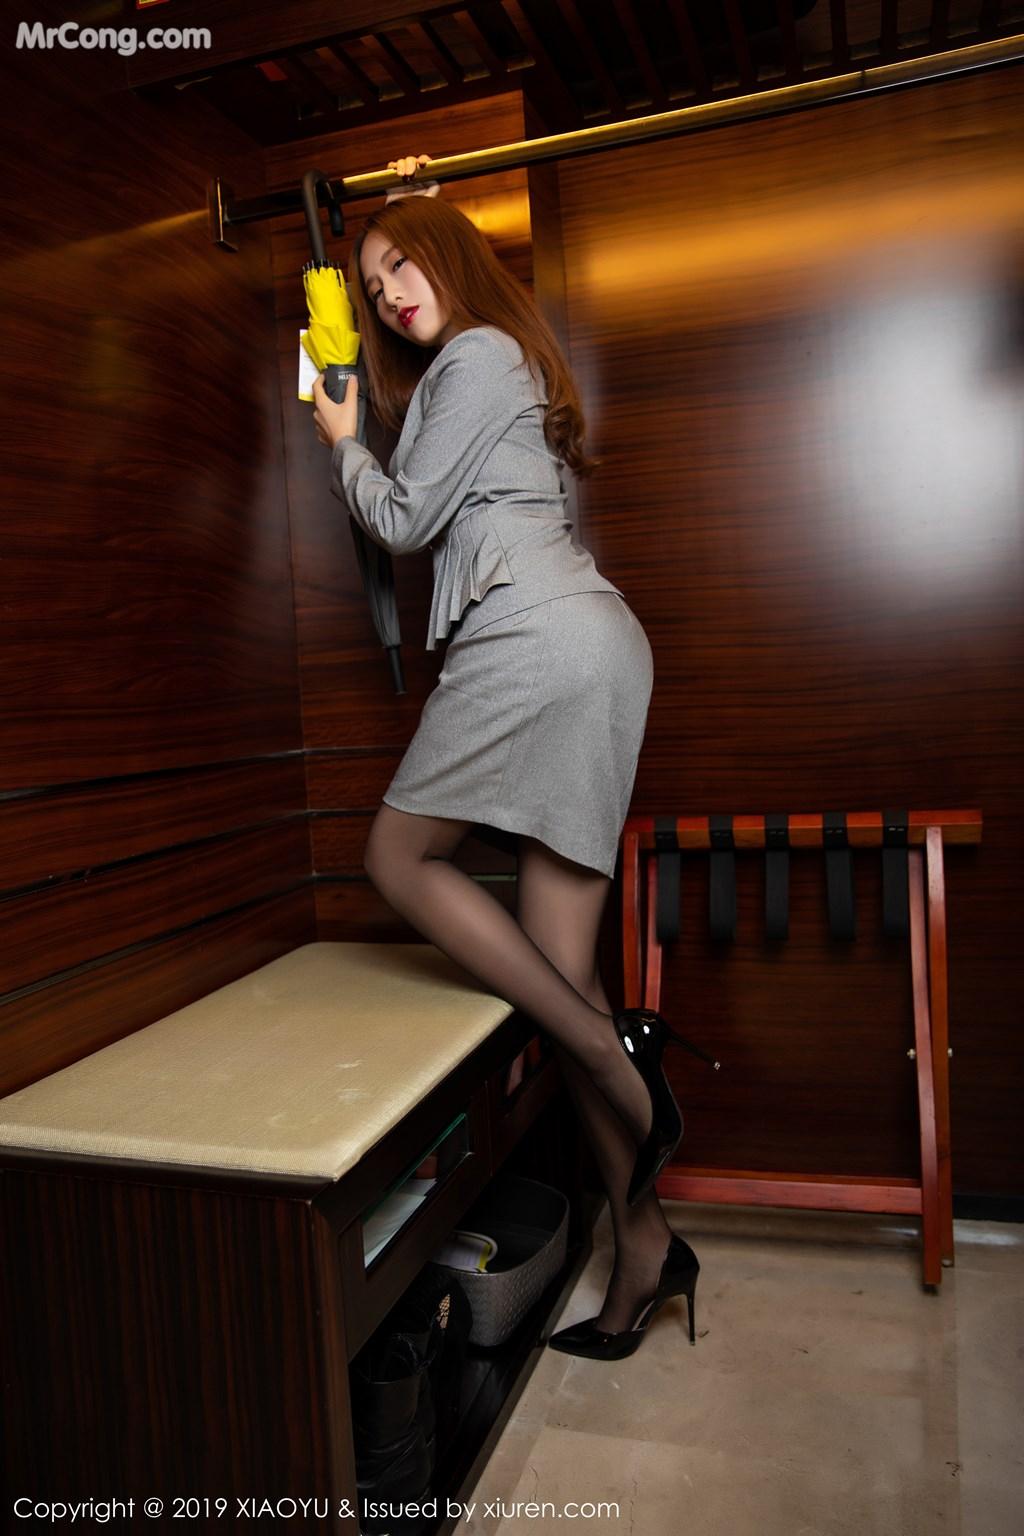 Image XiaoYu-Vol.096-Yue-Yin-Tong-MrCong.com-013 in post XiaoYu Vol.096: Yue Yin Tong (月音瞳) (54 ảnh)